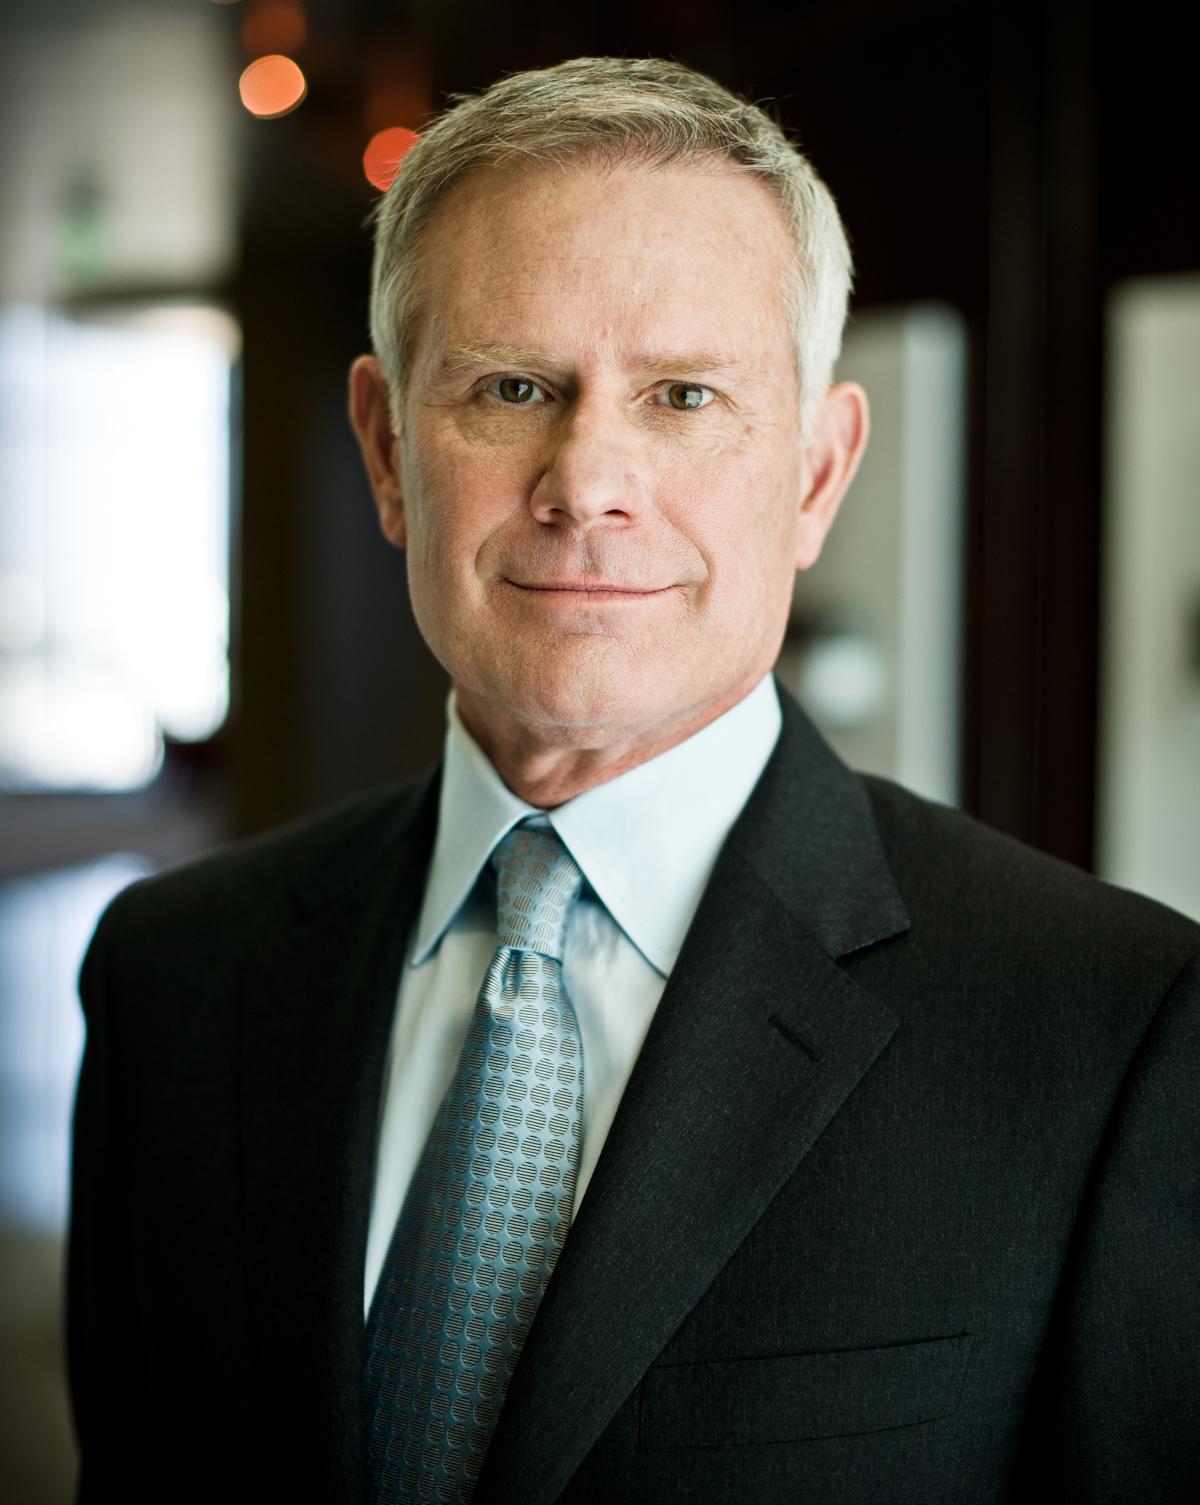 Formal headshot of Dan Sullivan, EVP of Human Resources